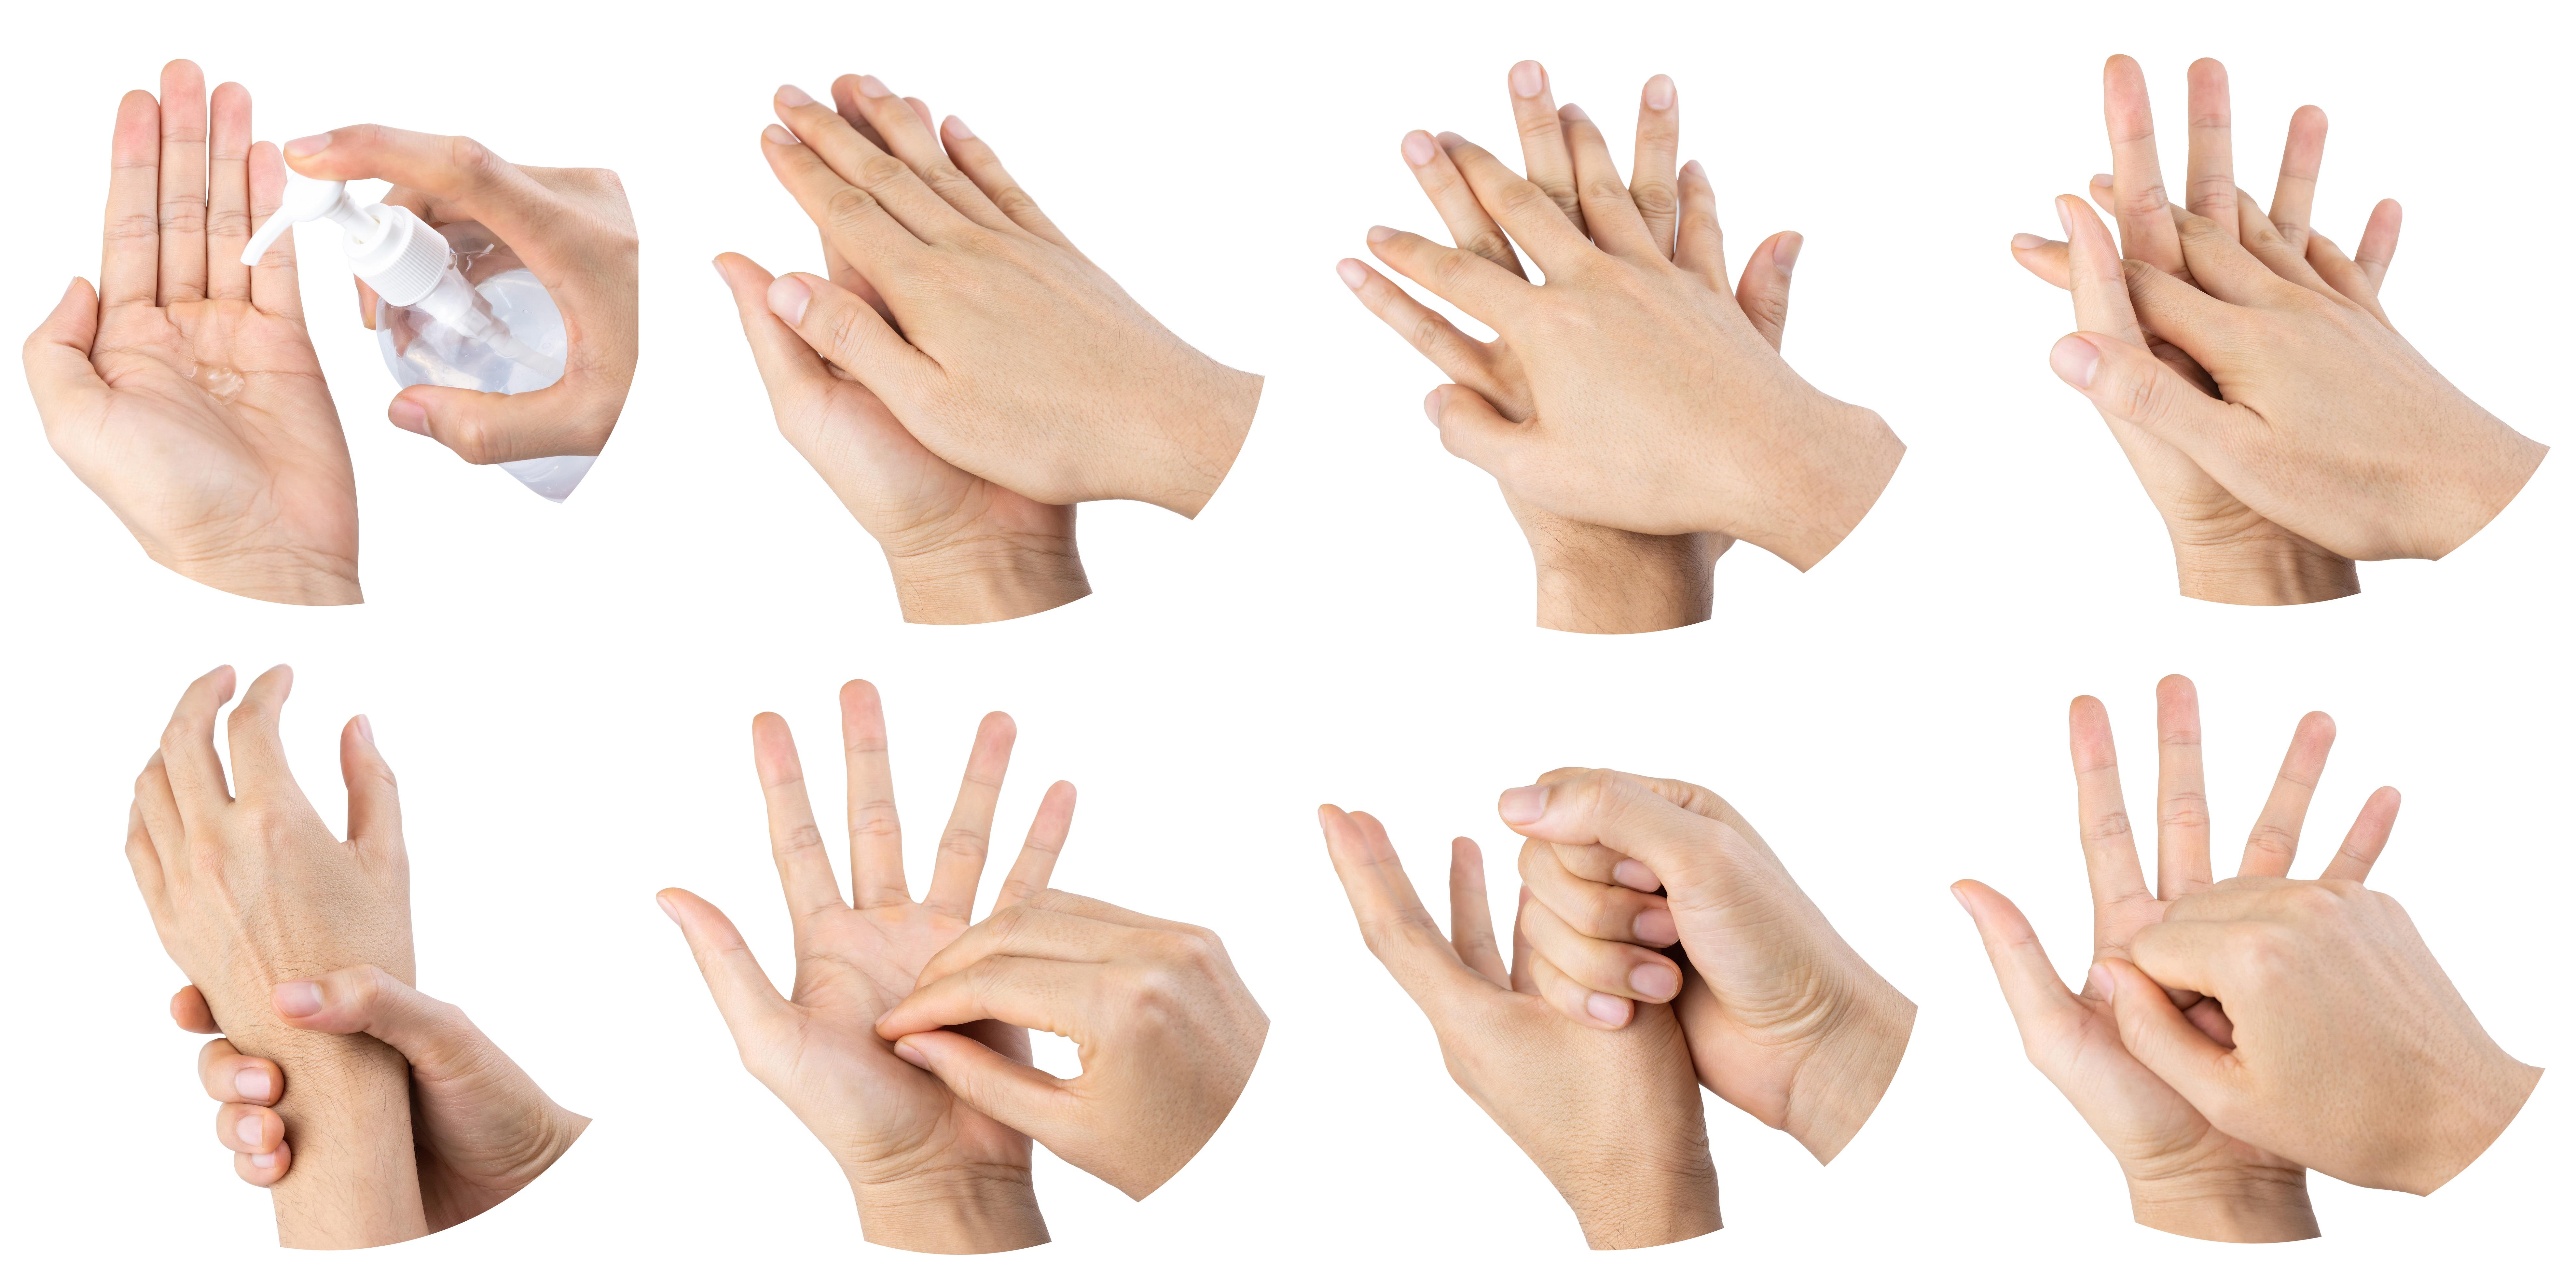 Anleitung Handdesinfektion